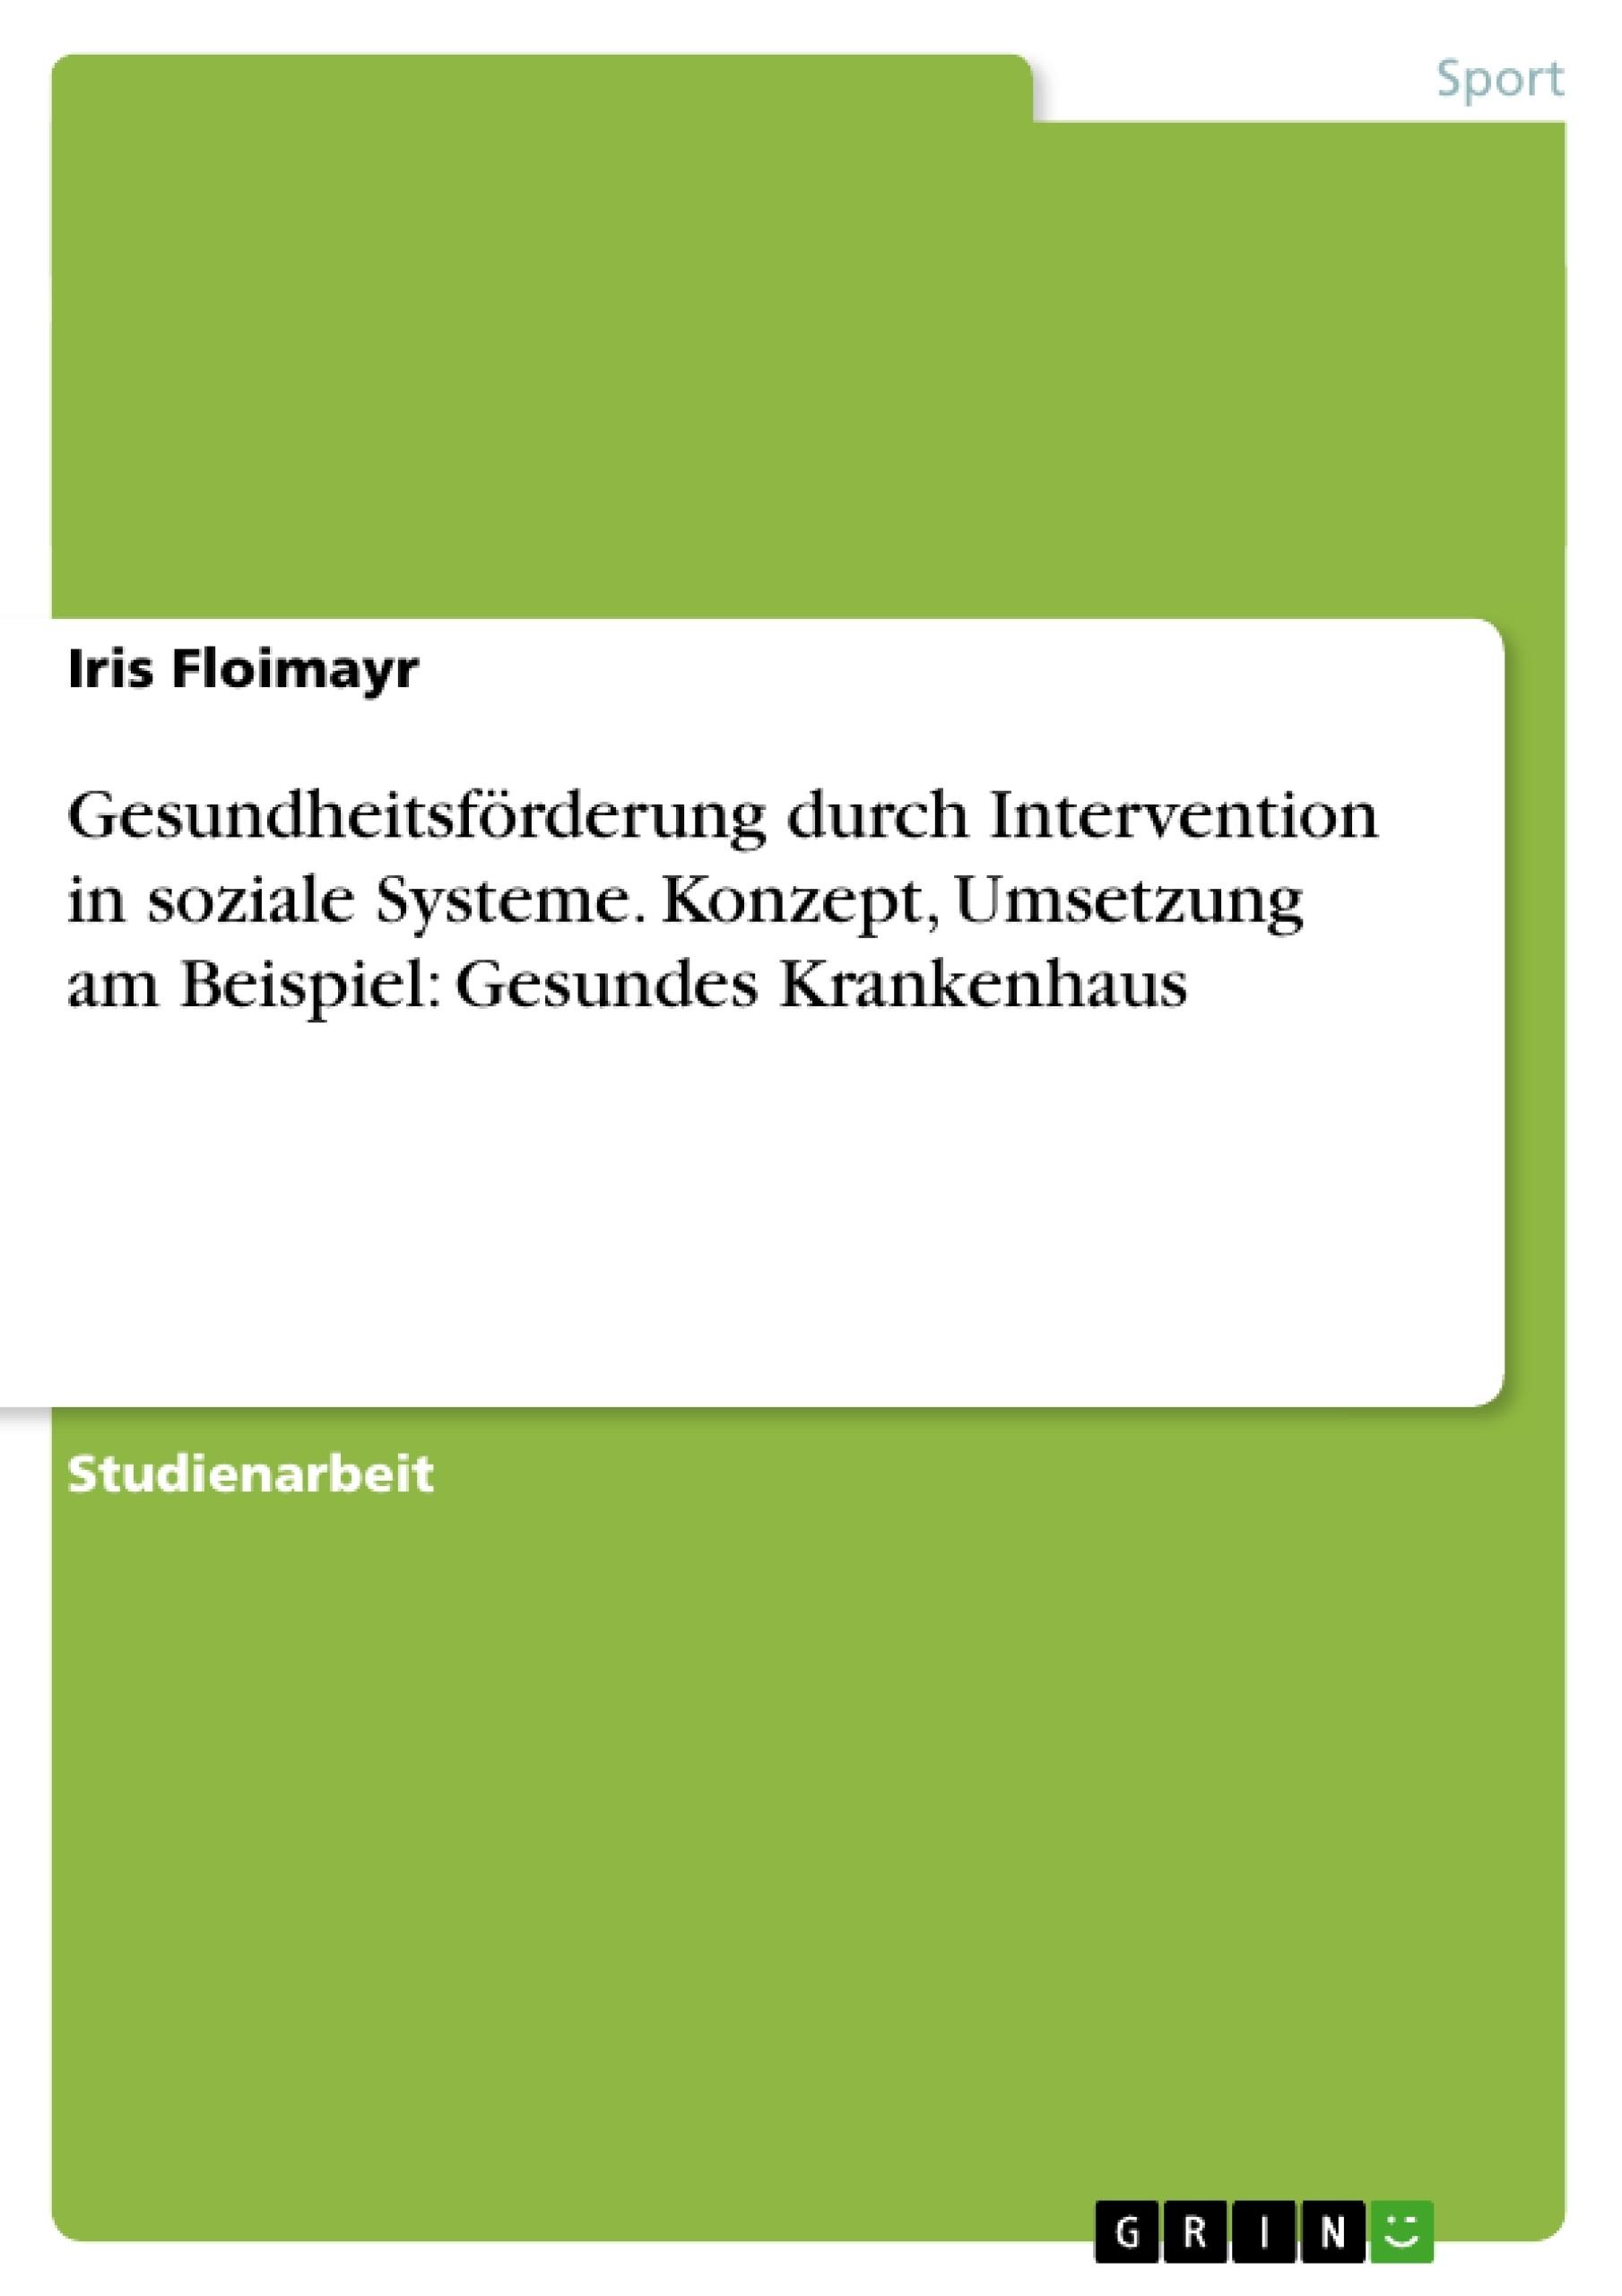 Titel: Gesundheitsförderung durch Intervention in soziale Systeme. Konzept, Umsetzung am Beispiel: Gesundes Krankenhaus